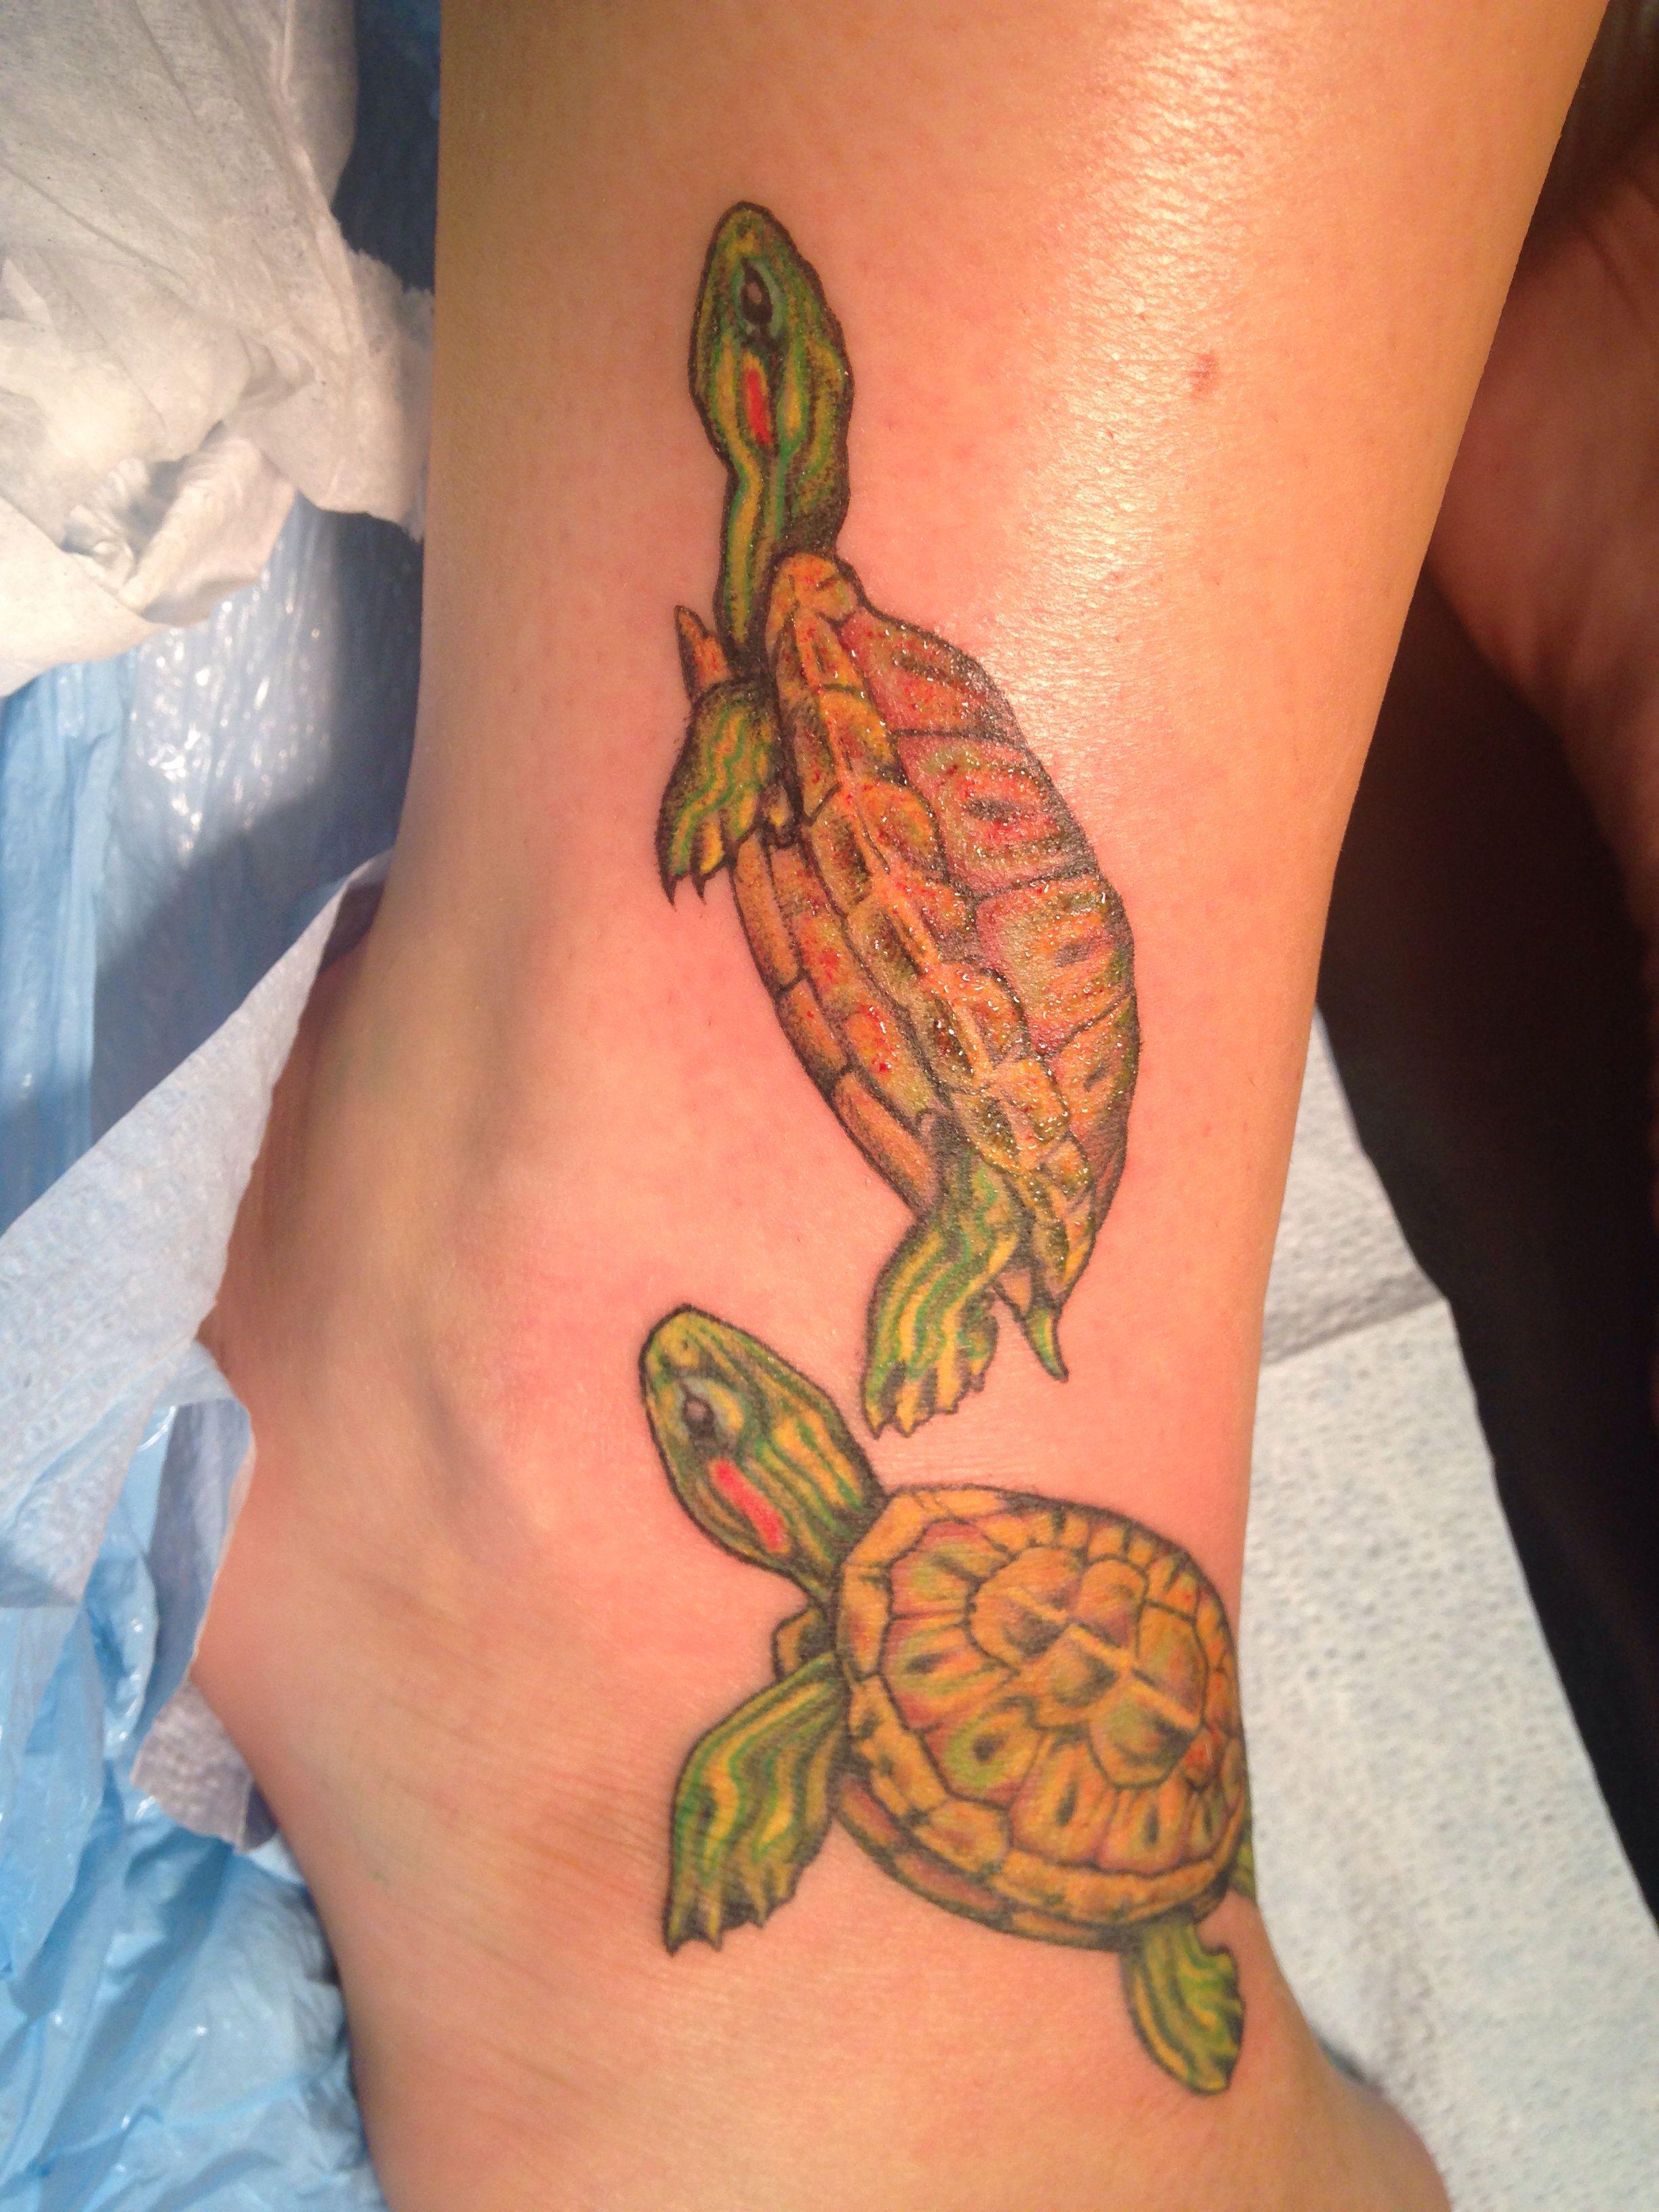 Turtle tattoos on ankle